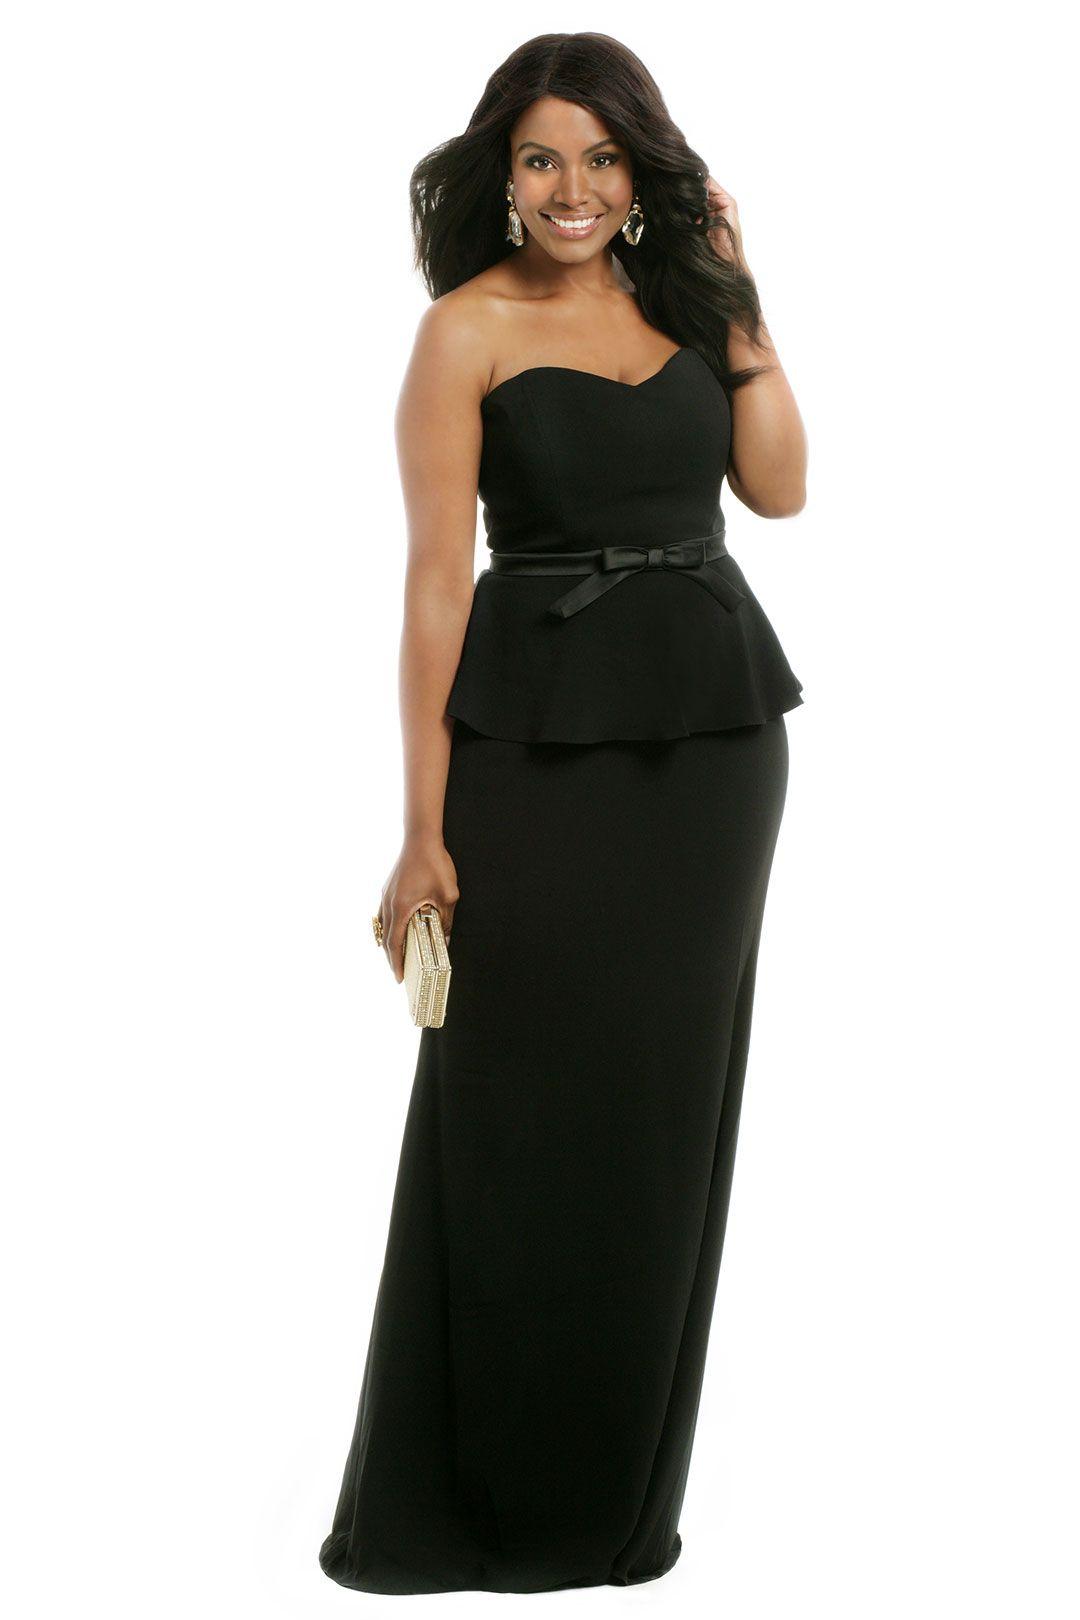 Noir Bow Peplum Gown | Peplum gown, Badgley mischka and Gowns